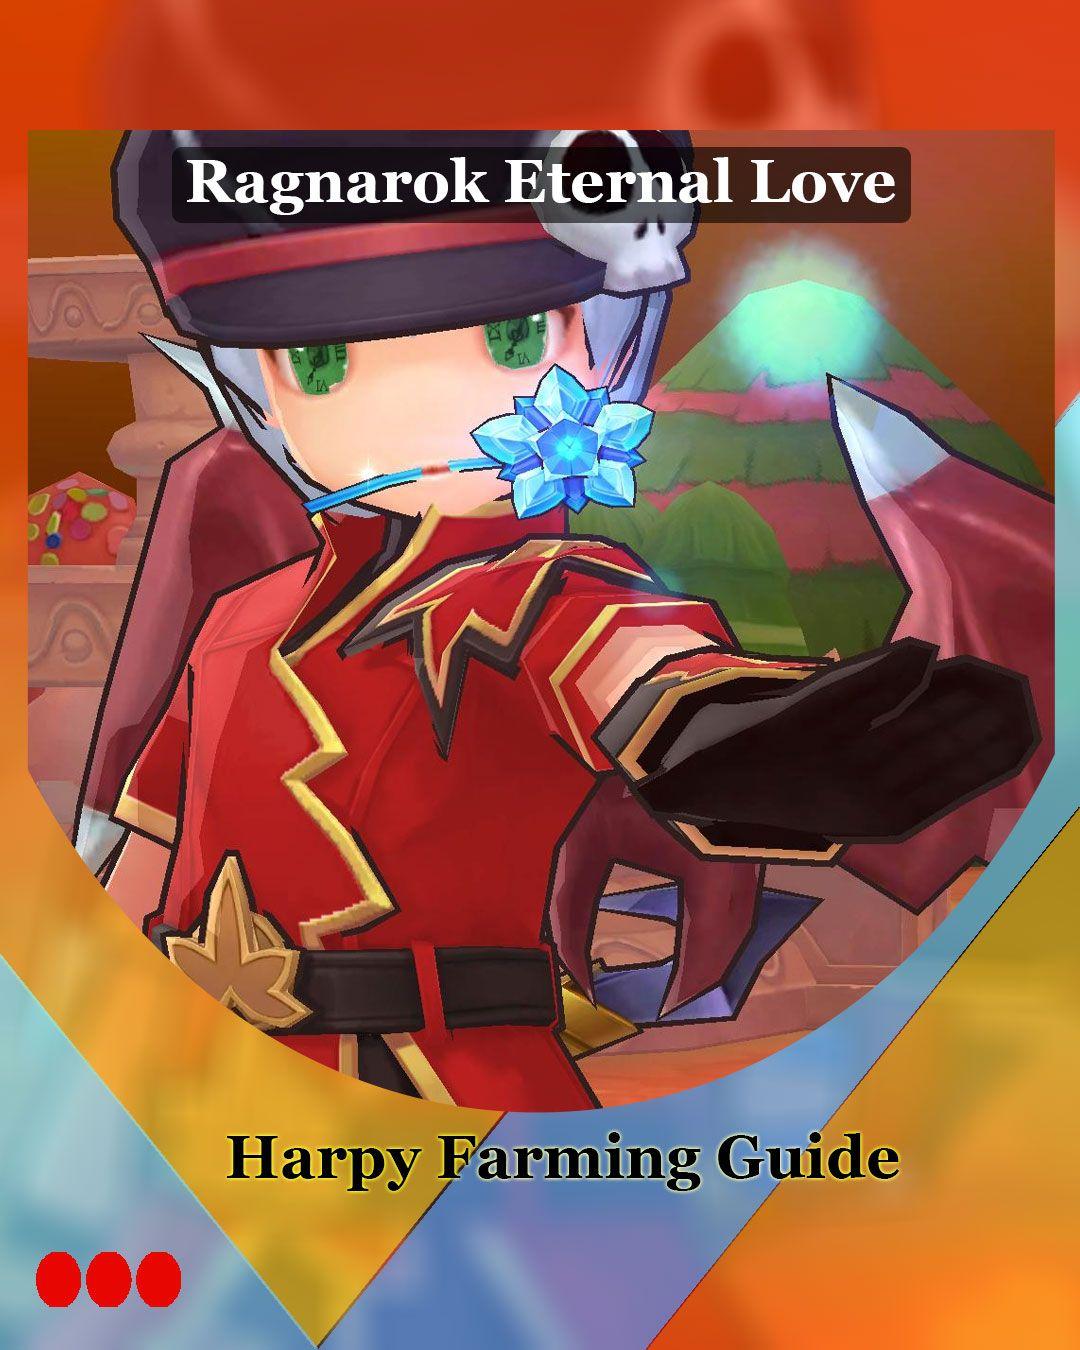 Harpy Grinding Guide For Warlocks In Ragnaroketernallove Mobilegaming Gaming Gamerstopia Farming Guide Ragnarok Mobile Eternal Love